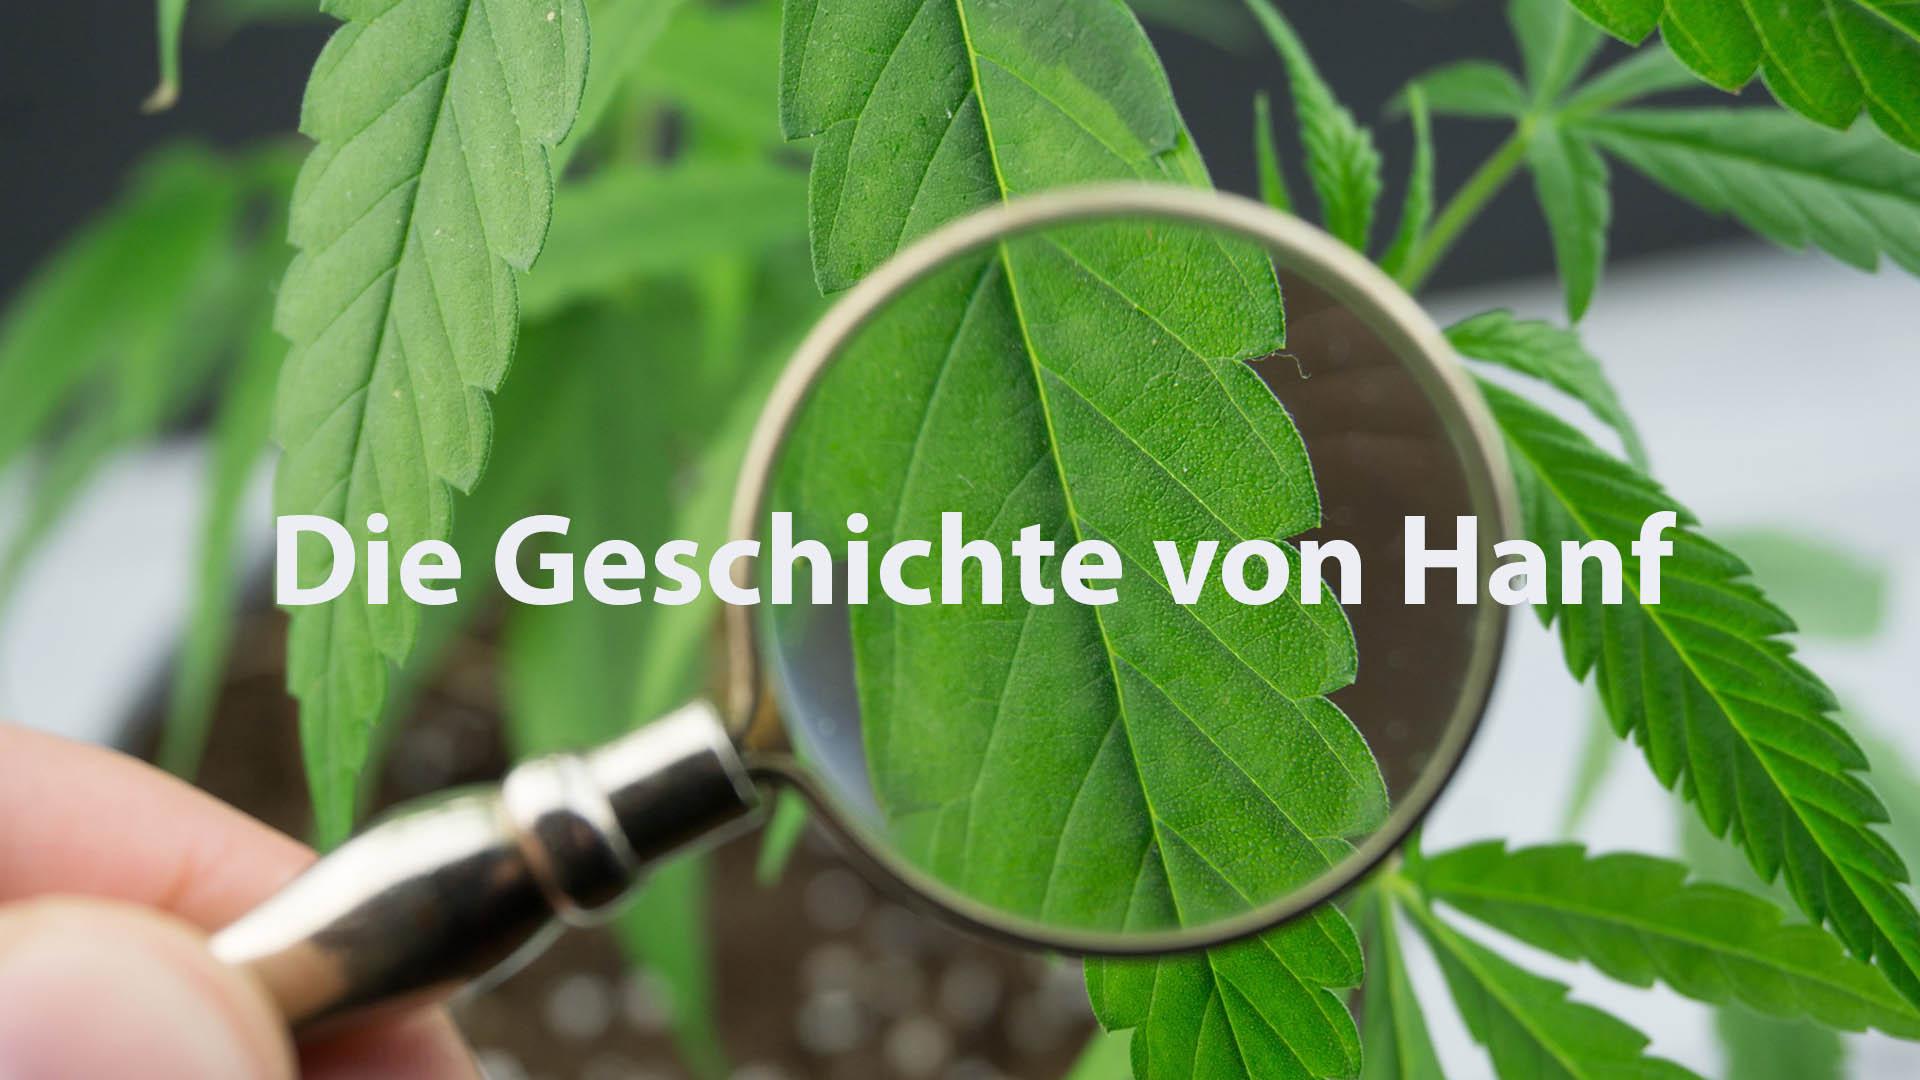 Die Geschichte von Hanf als Rohstoff und Pflanze